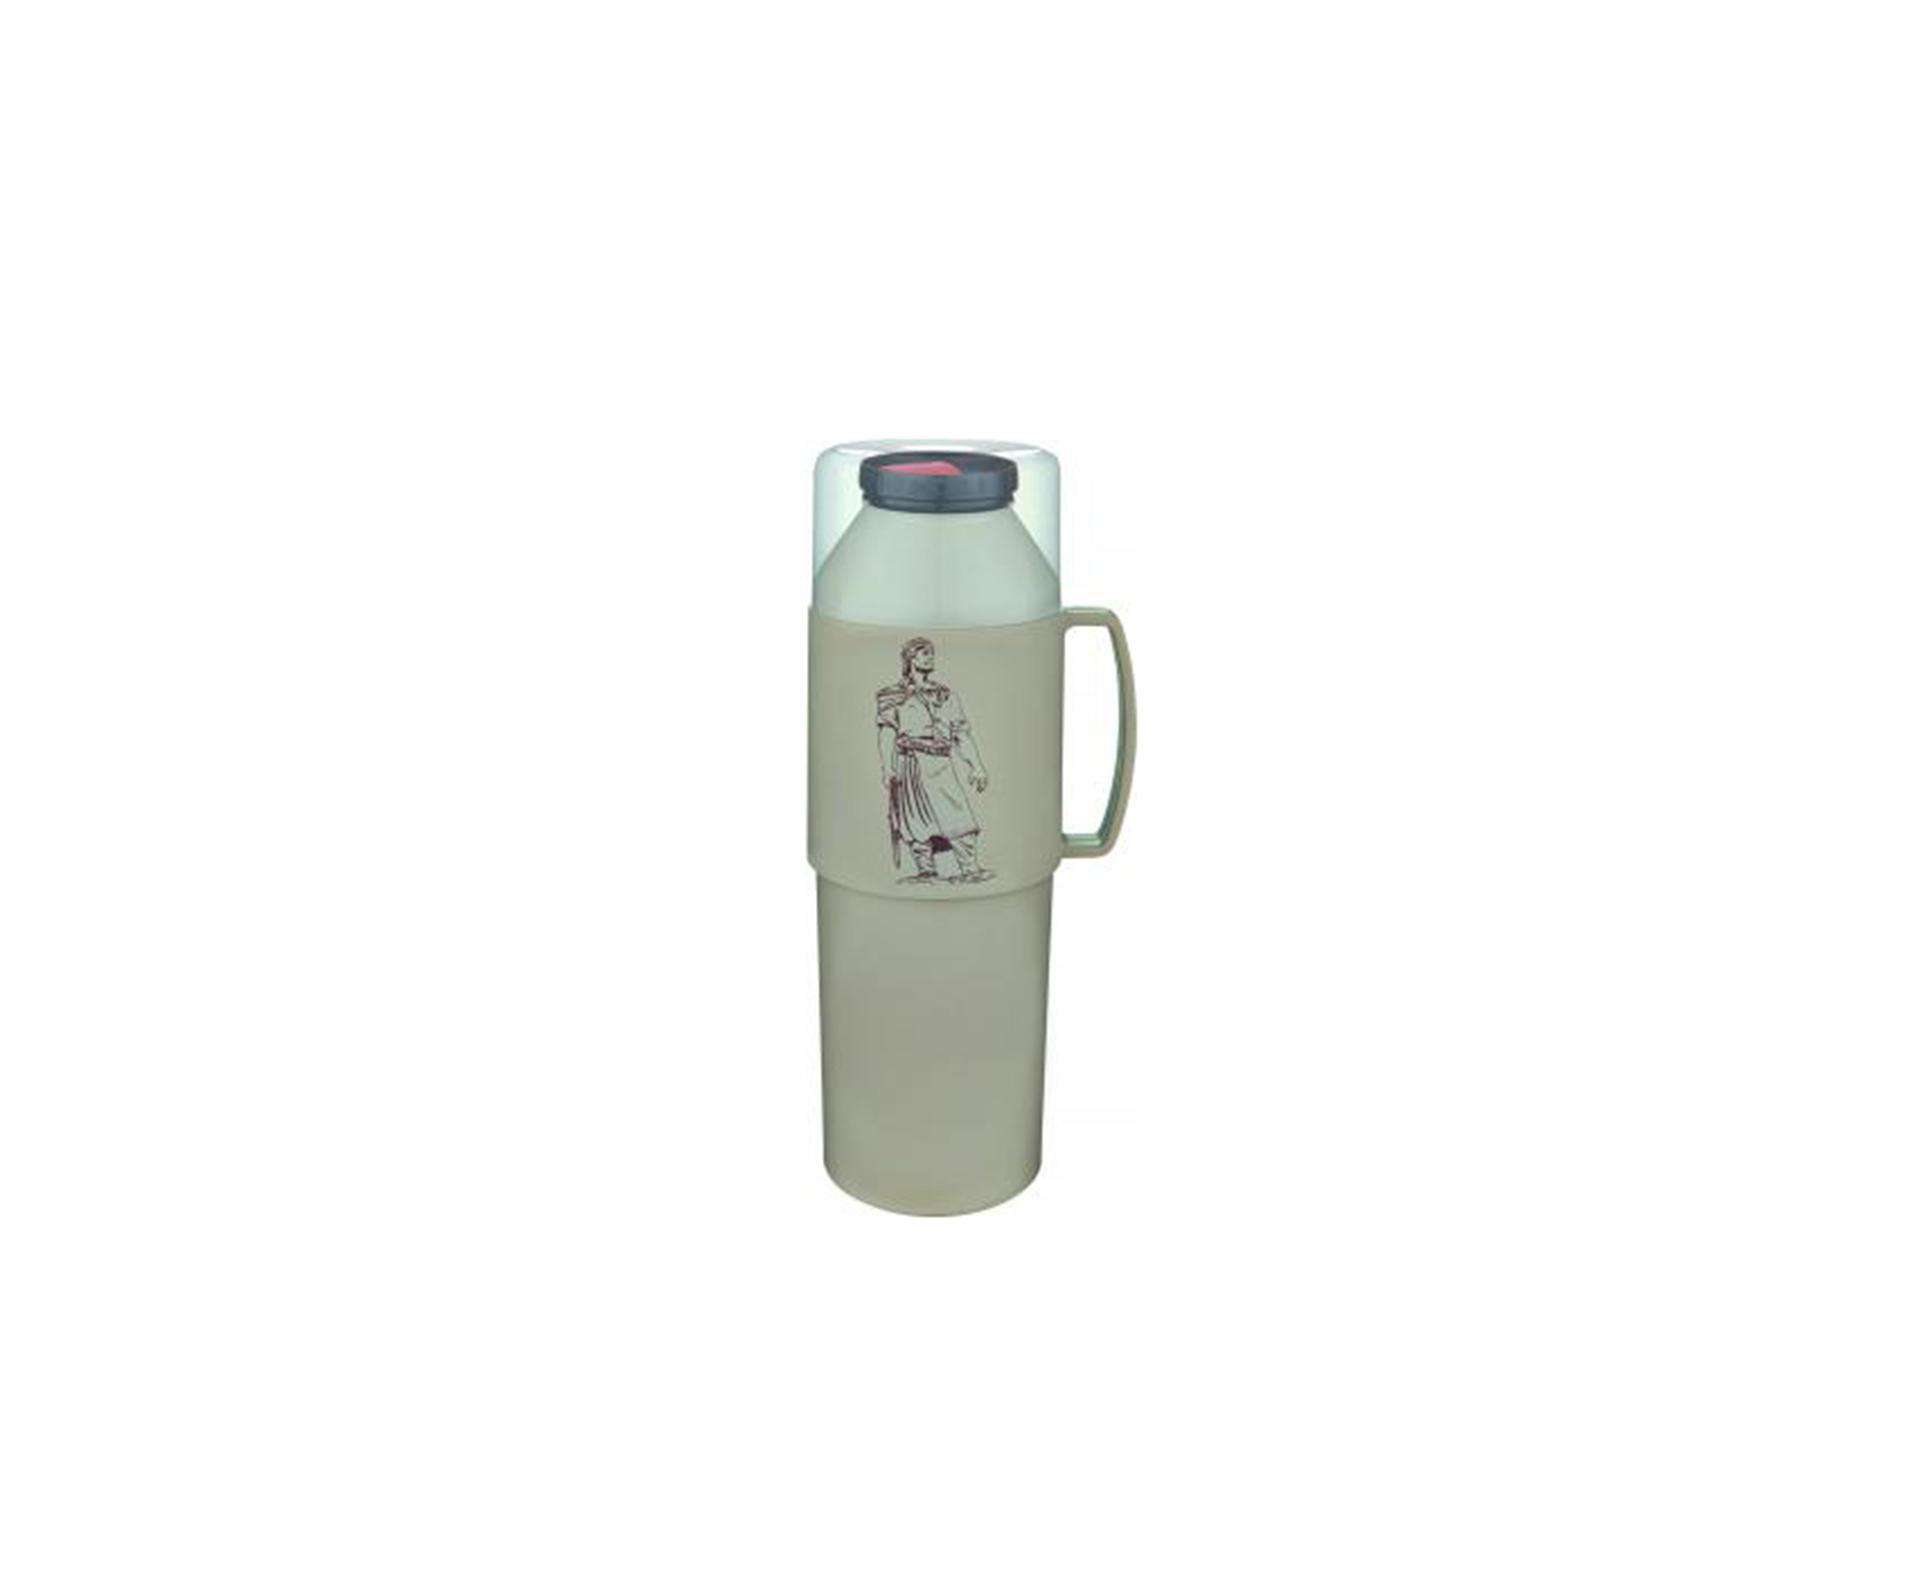 Garrafa Térmica Farroupilha 1,0 Litro Bege - Mor